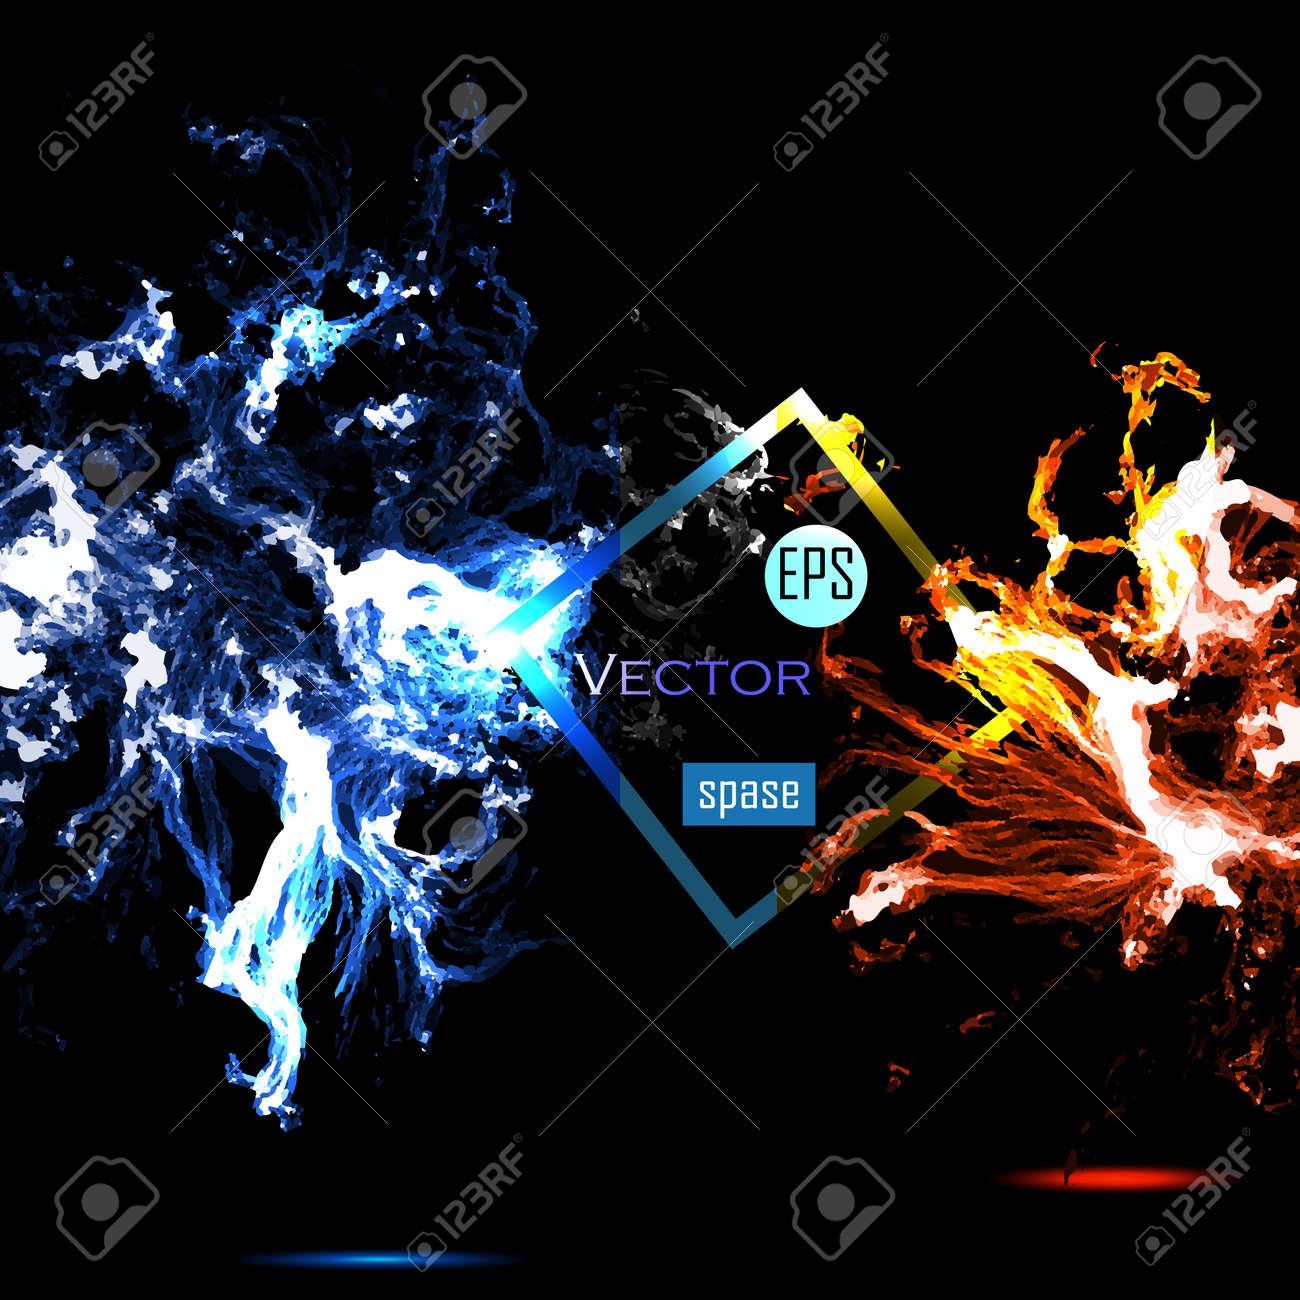 Vector Universe background for presentation design. EPS 10 illustration. - 41073364